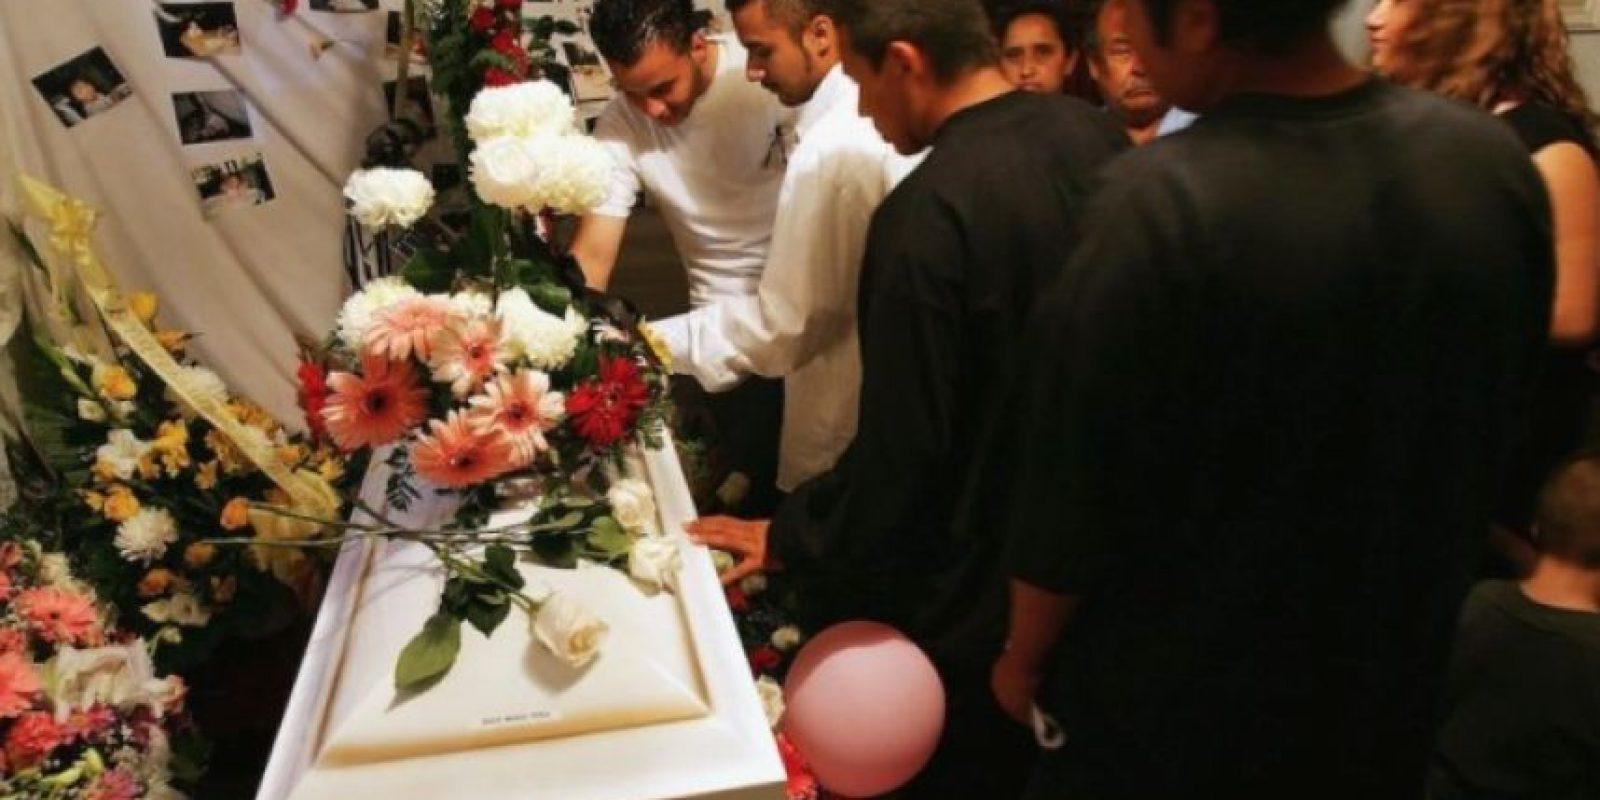 la doctora encargada de certificar la muerte anunció que el cadáver estaba tibio. Foto:Getty Images